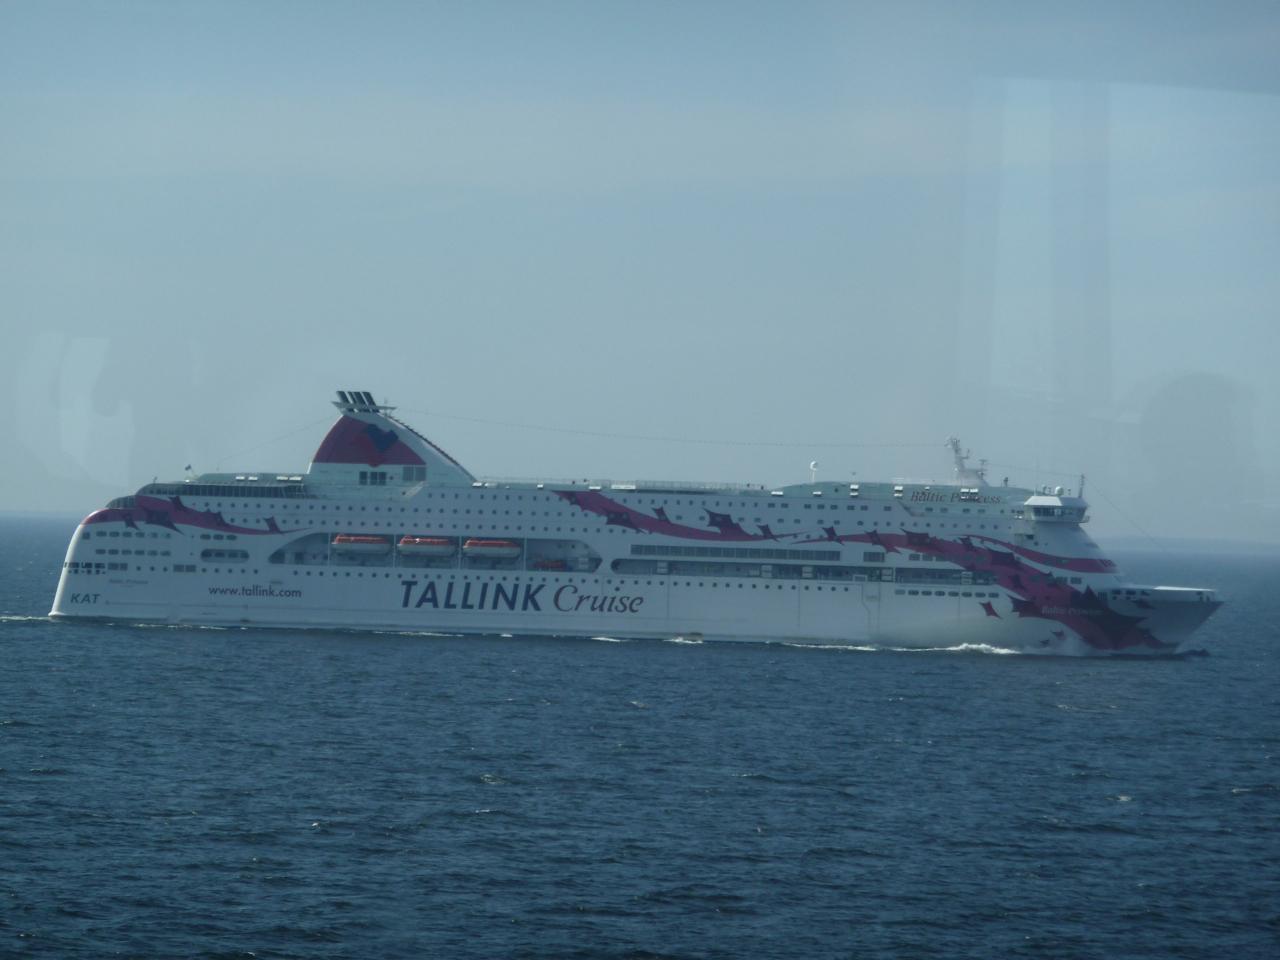 Landing in Estonia